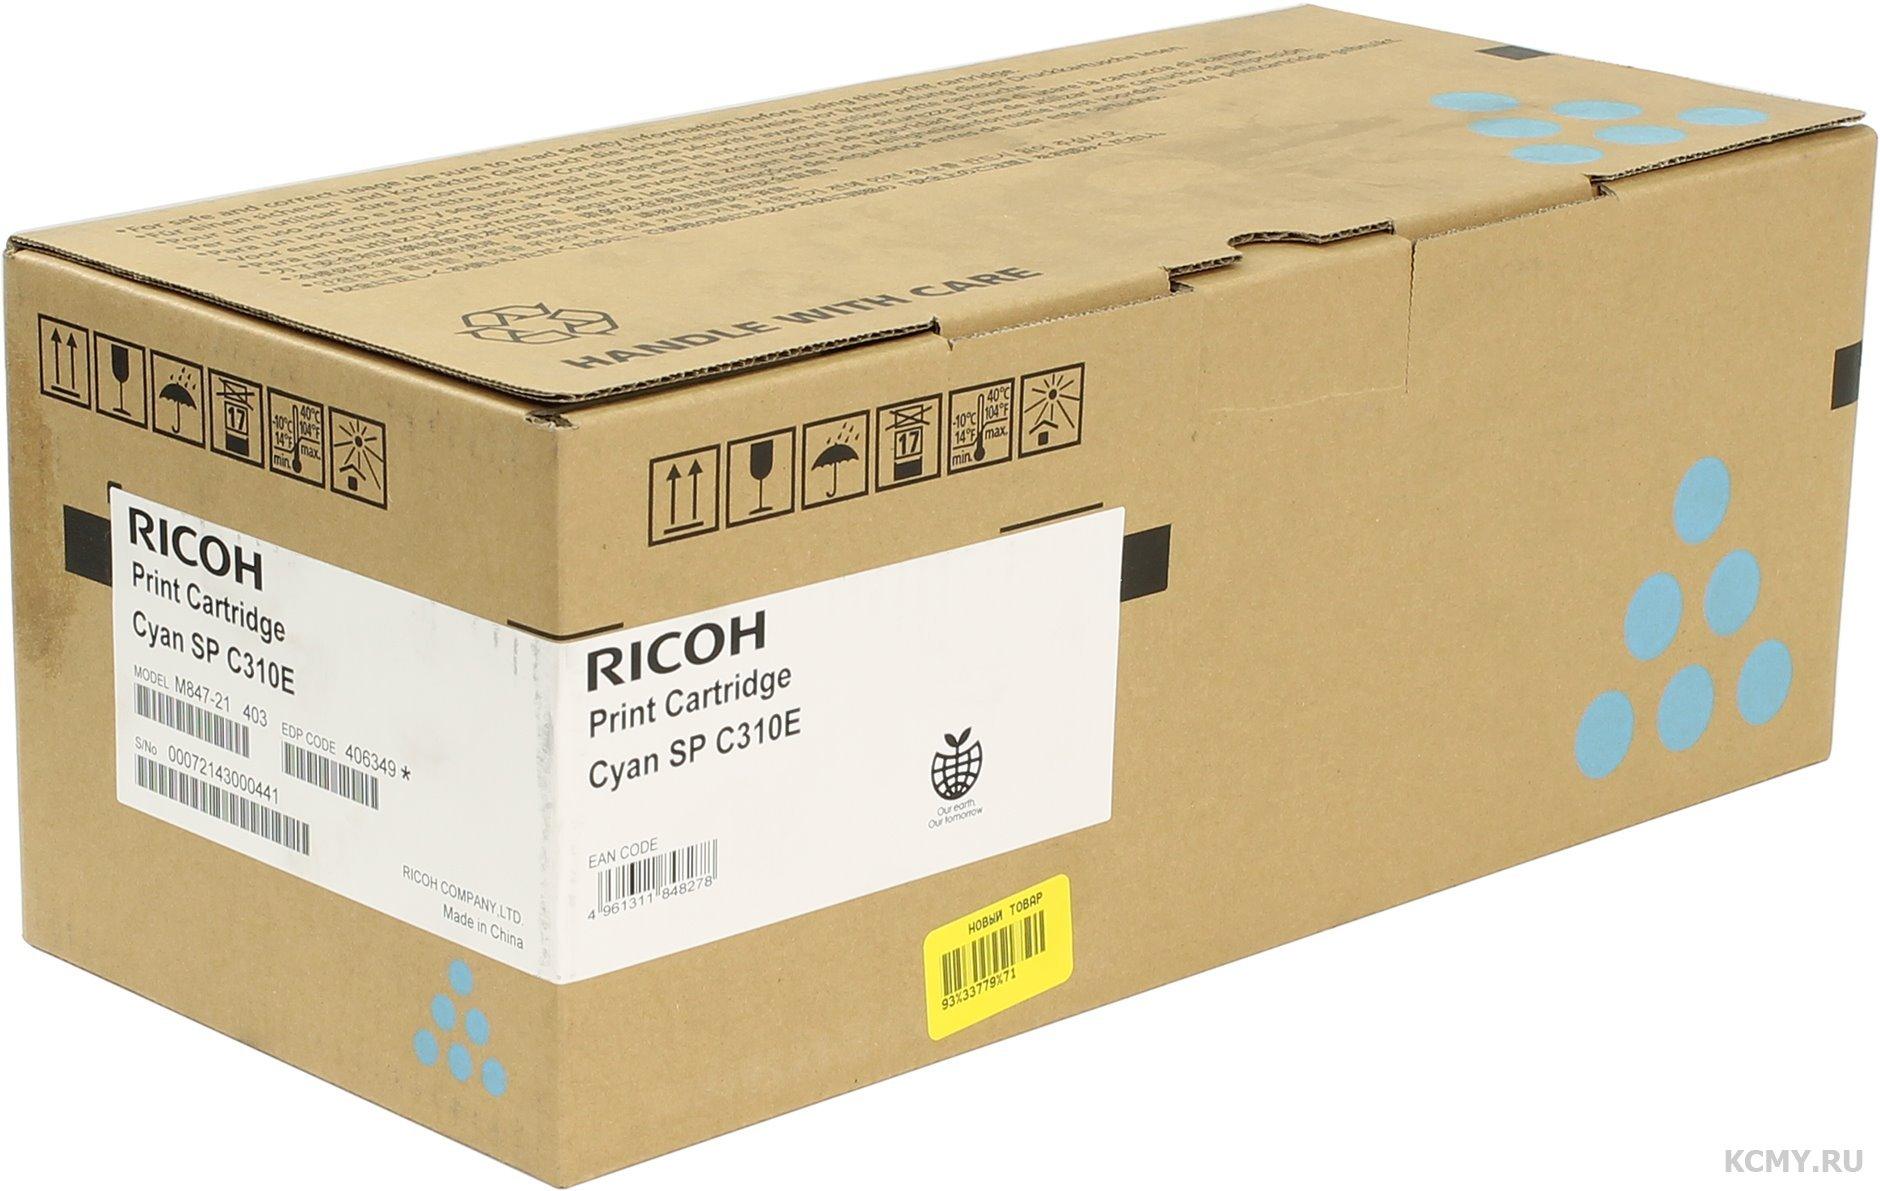 Ricoh SP C310HE cyan